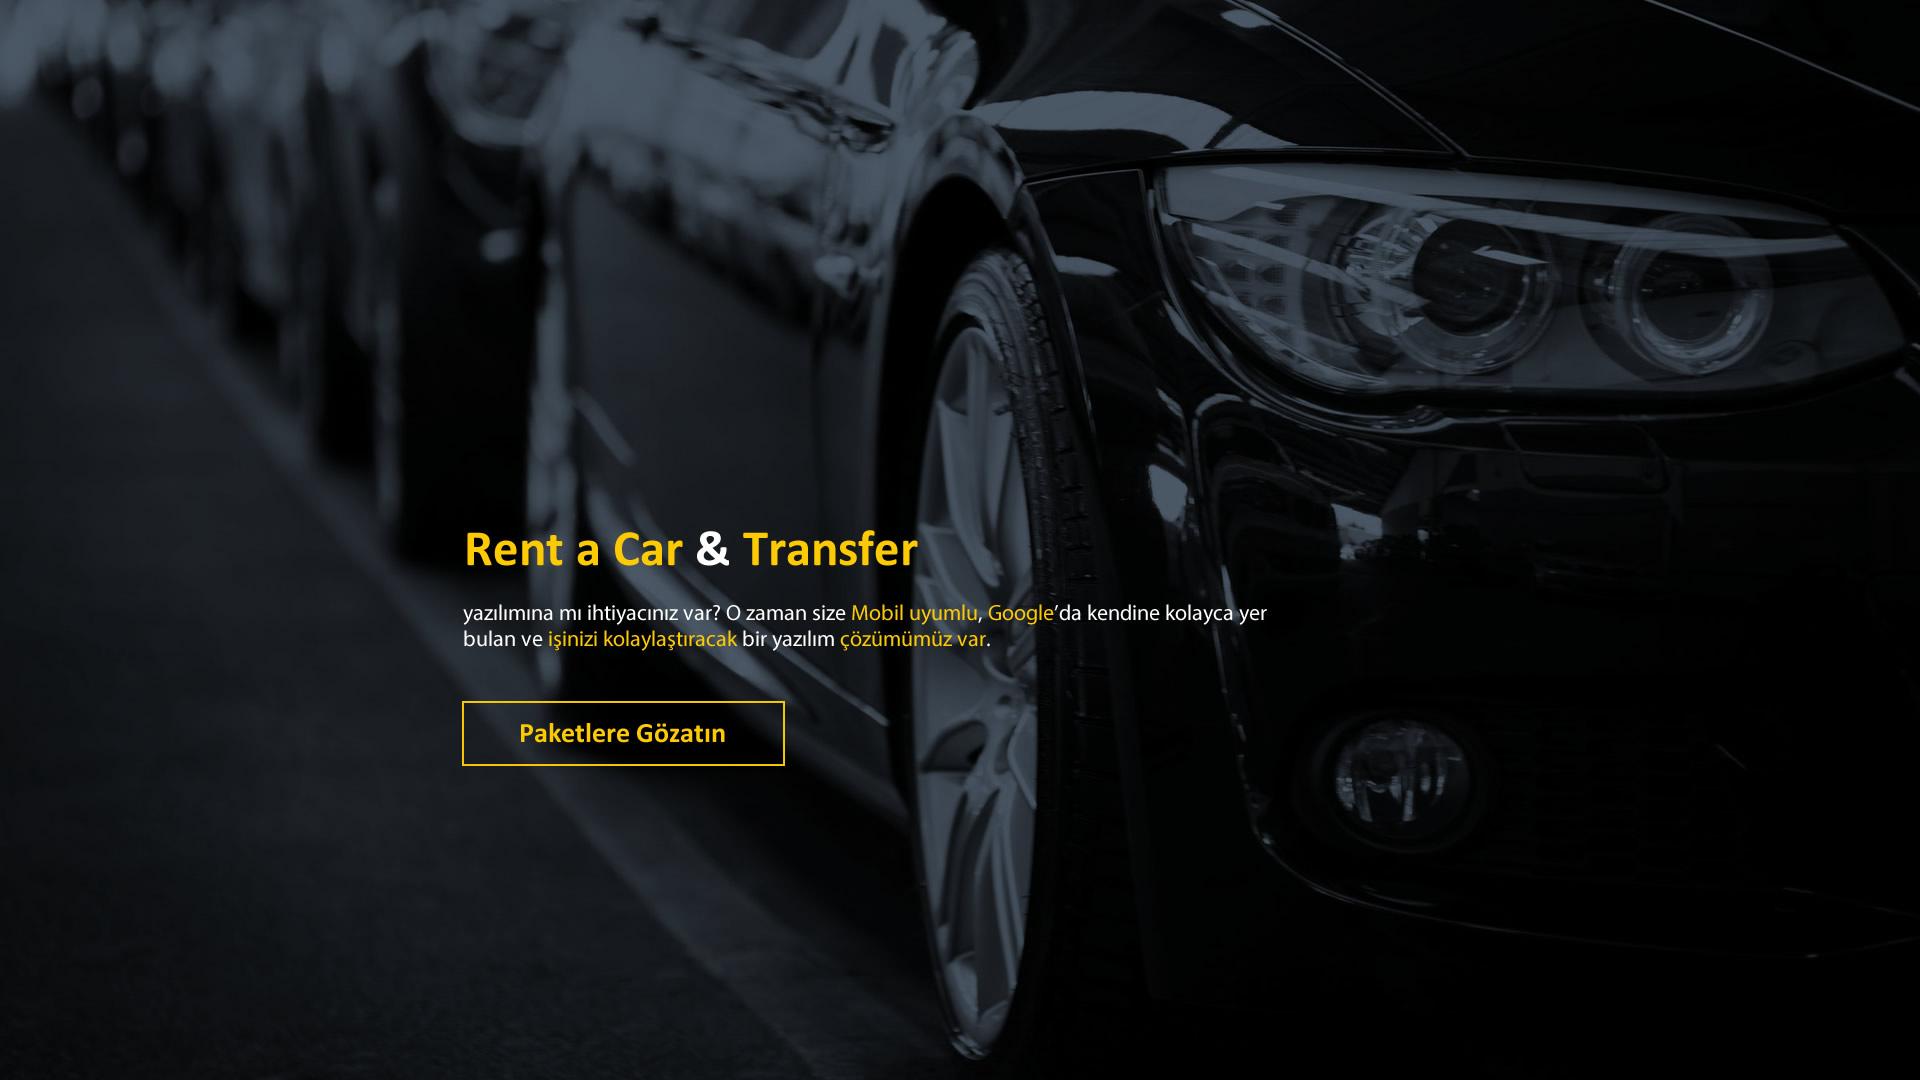 Rent a car & Transfer yazılımına mı ihtiyacınız var? O zaman size Mobil uyumlu, Google'da kendine kolayca yer bulan ve işinizi kolaylaştıracak bir yazılım çözümümüz var.